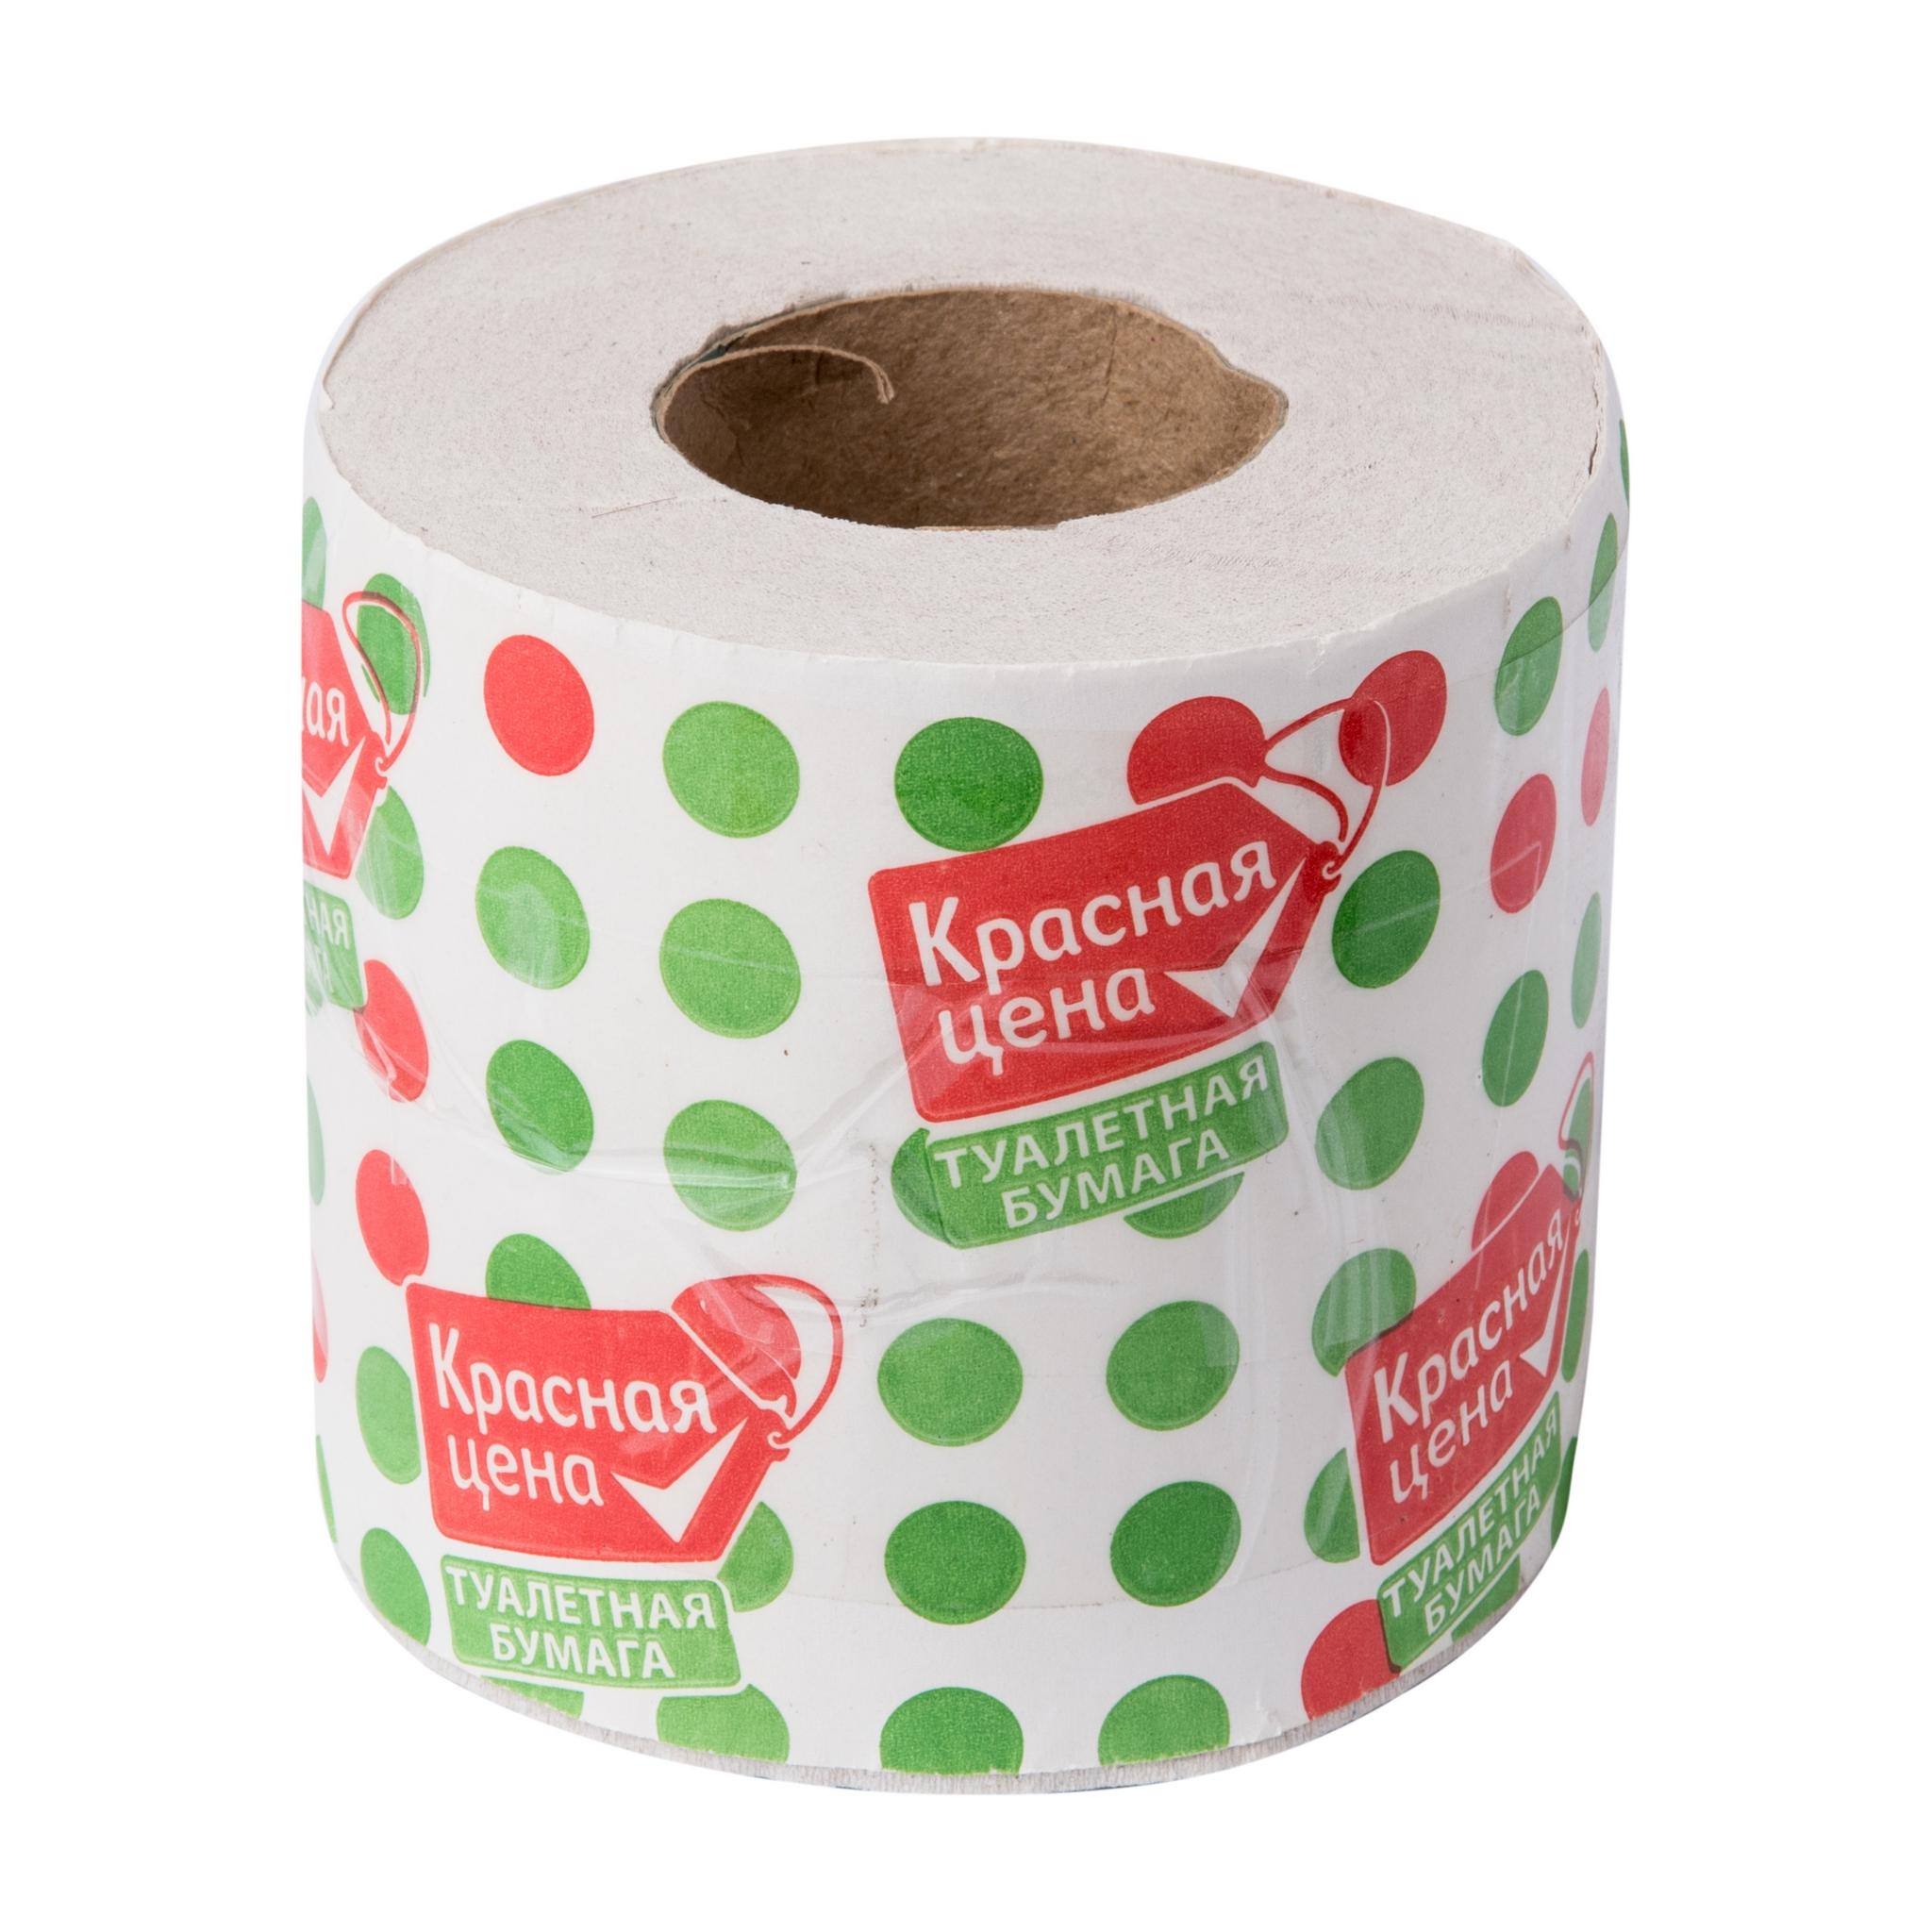 туалетная бумага Красная цена